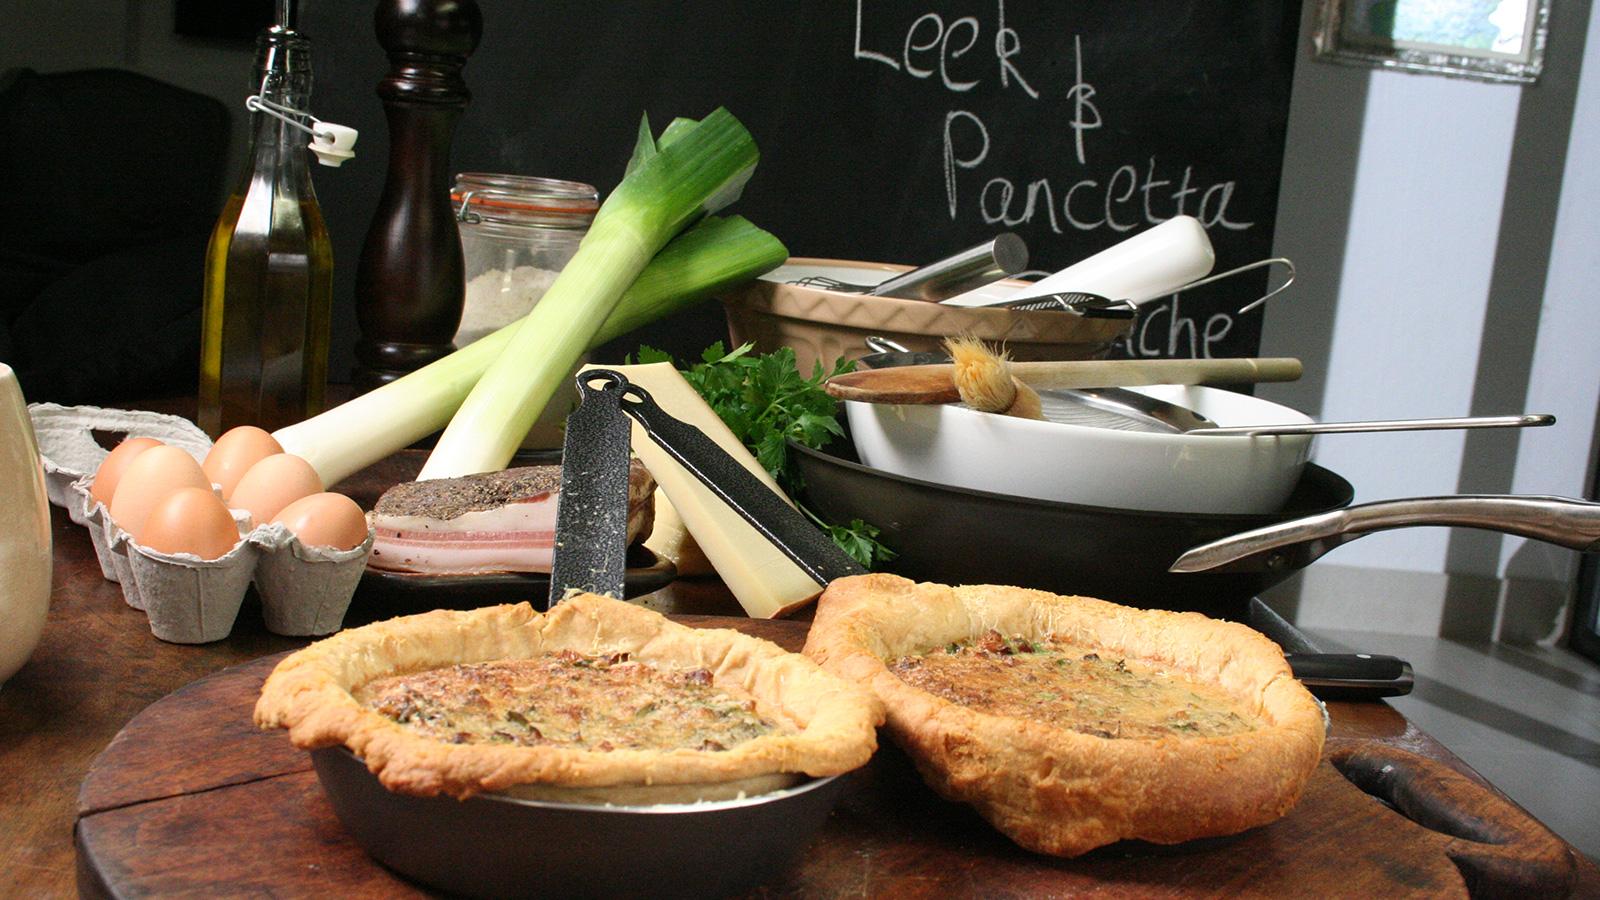 Cocina la receta Quiche de puerros y panceta (Leek and pancetta quiche) de Gordon Ramsay